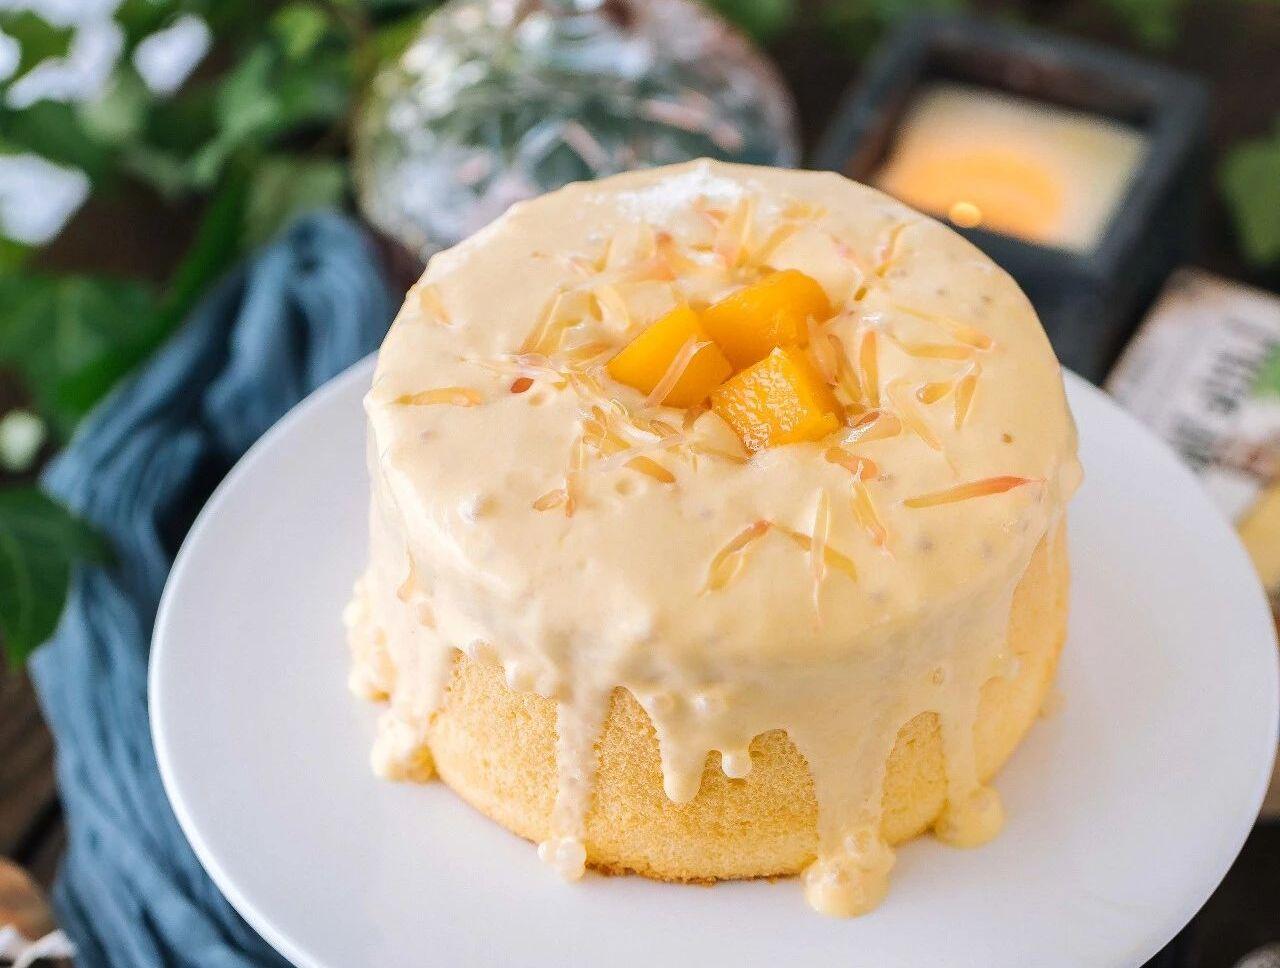 楊枝甘露爆漿戚風蛋糕 (Mango Pomelo Sago Lava Cake)